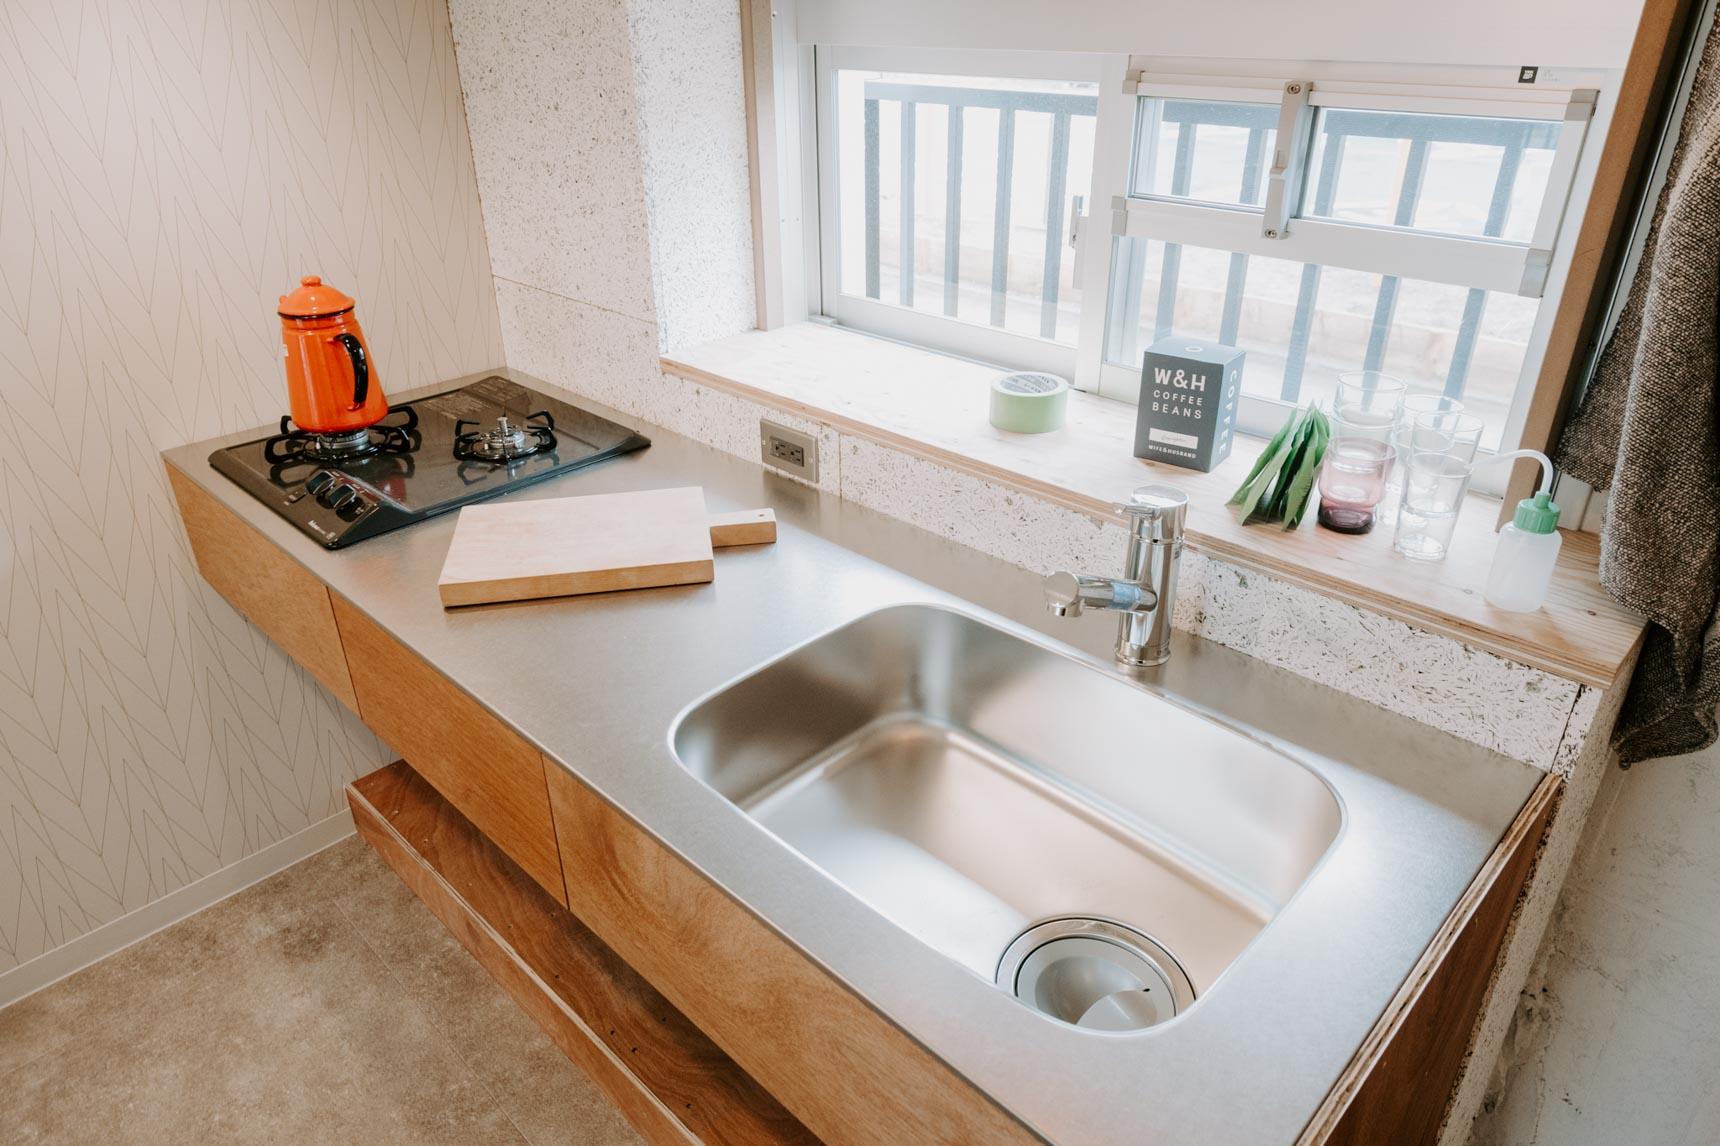 キッチンもシンプルながら使いやすそうなデザインでカッコイイ!